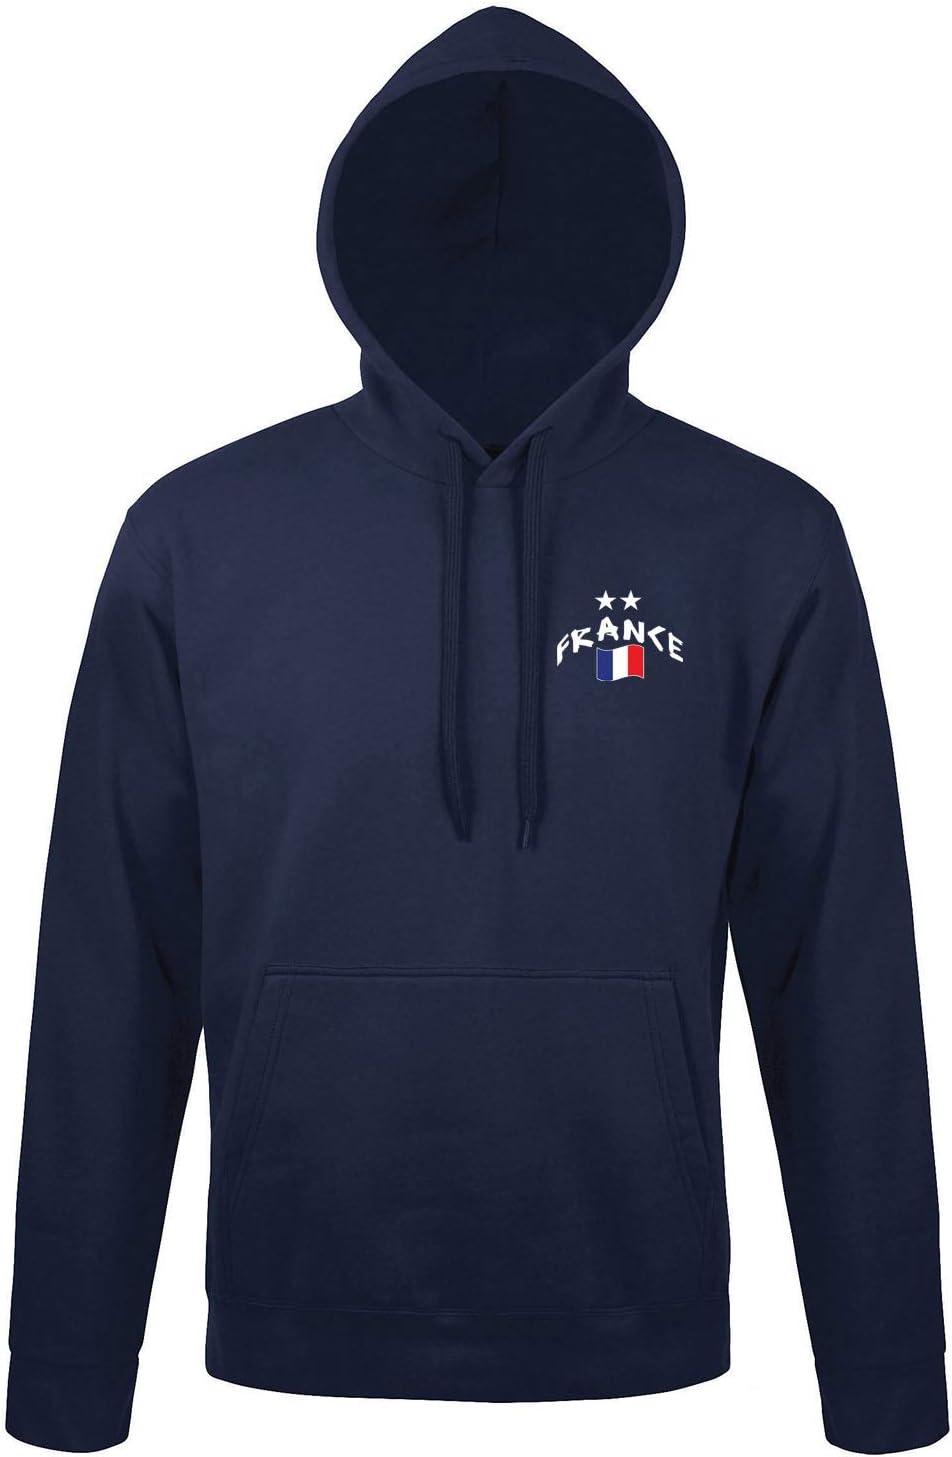 Supportershop France Champions 2 /Étoiles Veste Mixte